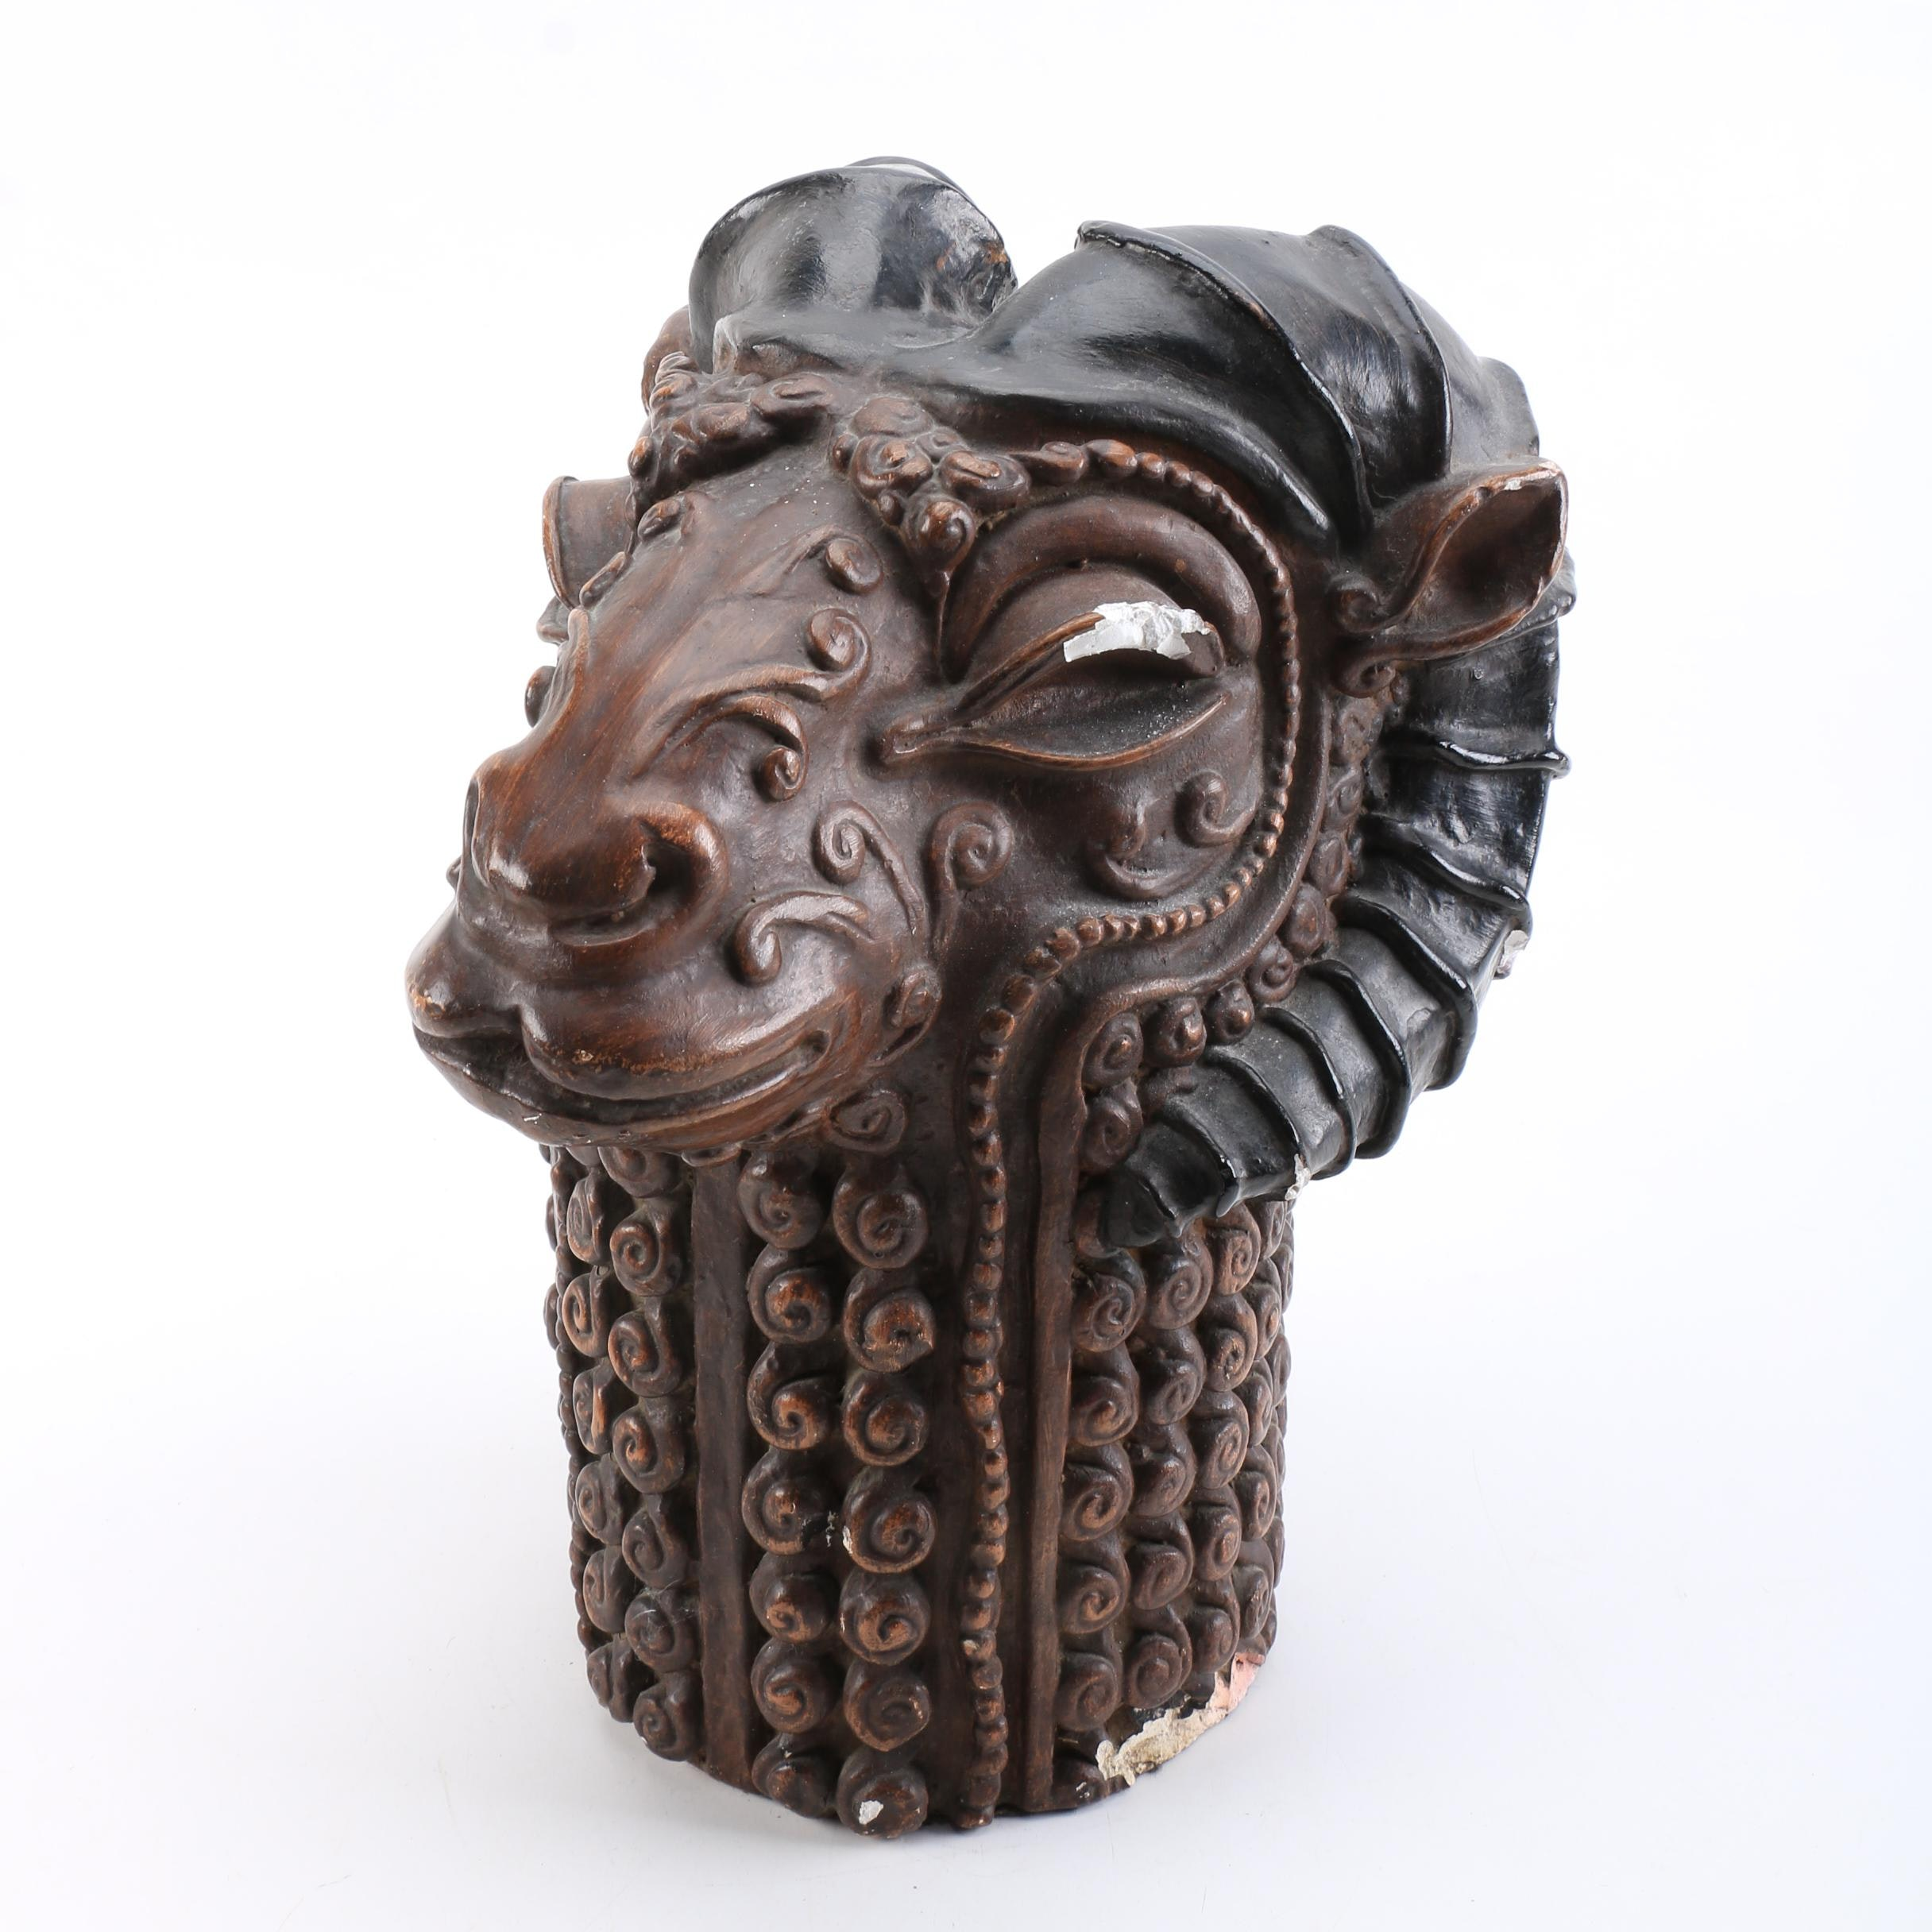 Ram Head Sculpture